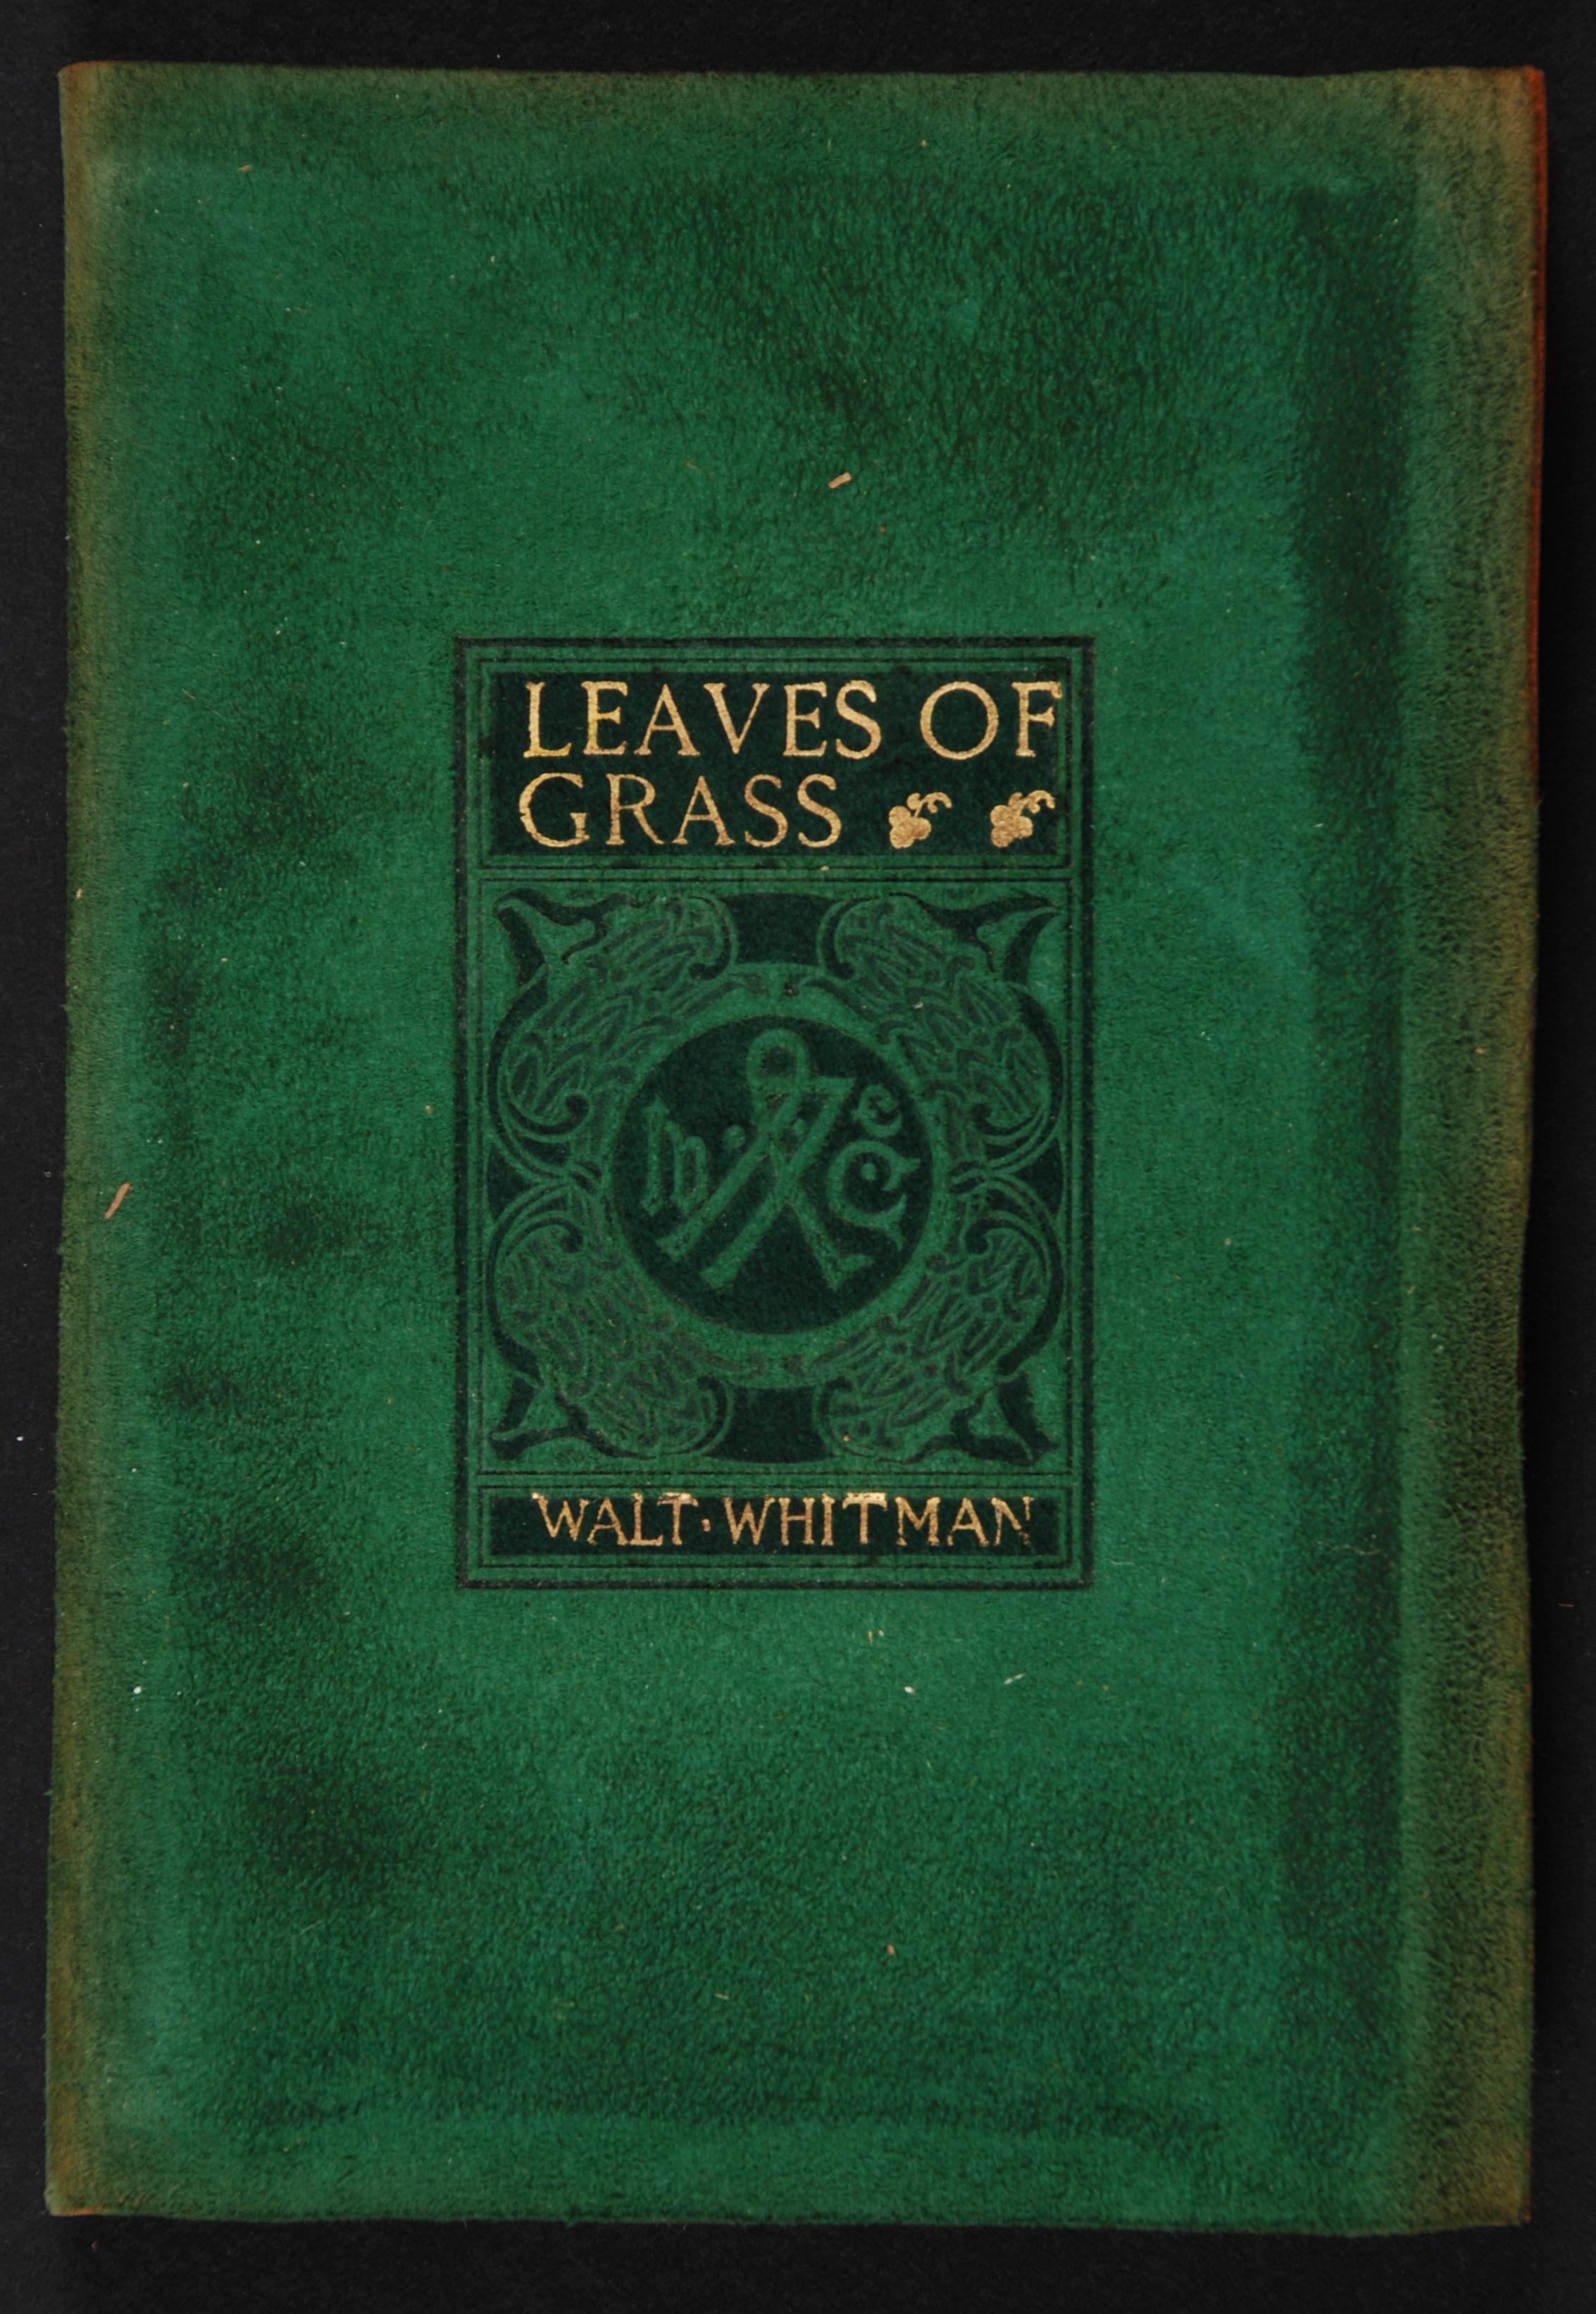 Walt Whitman. Leaves of grass. London: George G. Harrap, [1900?]